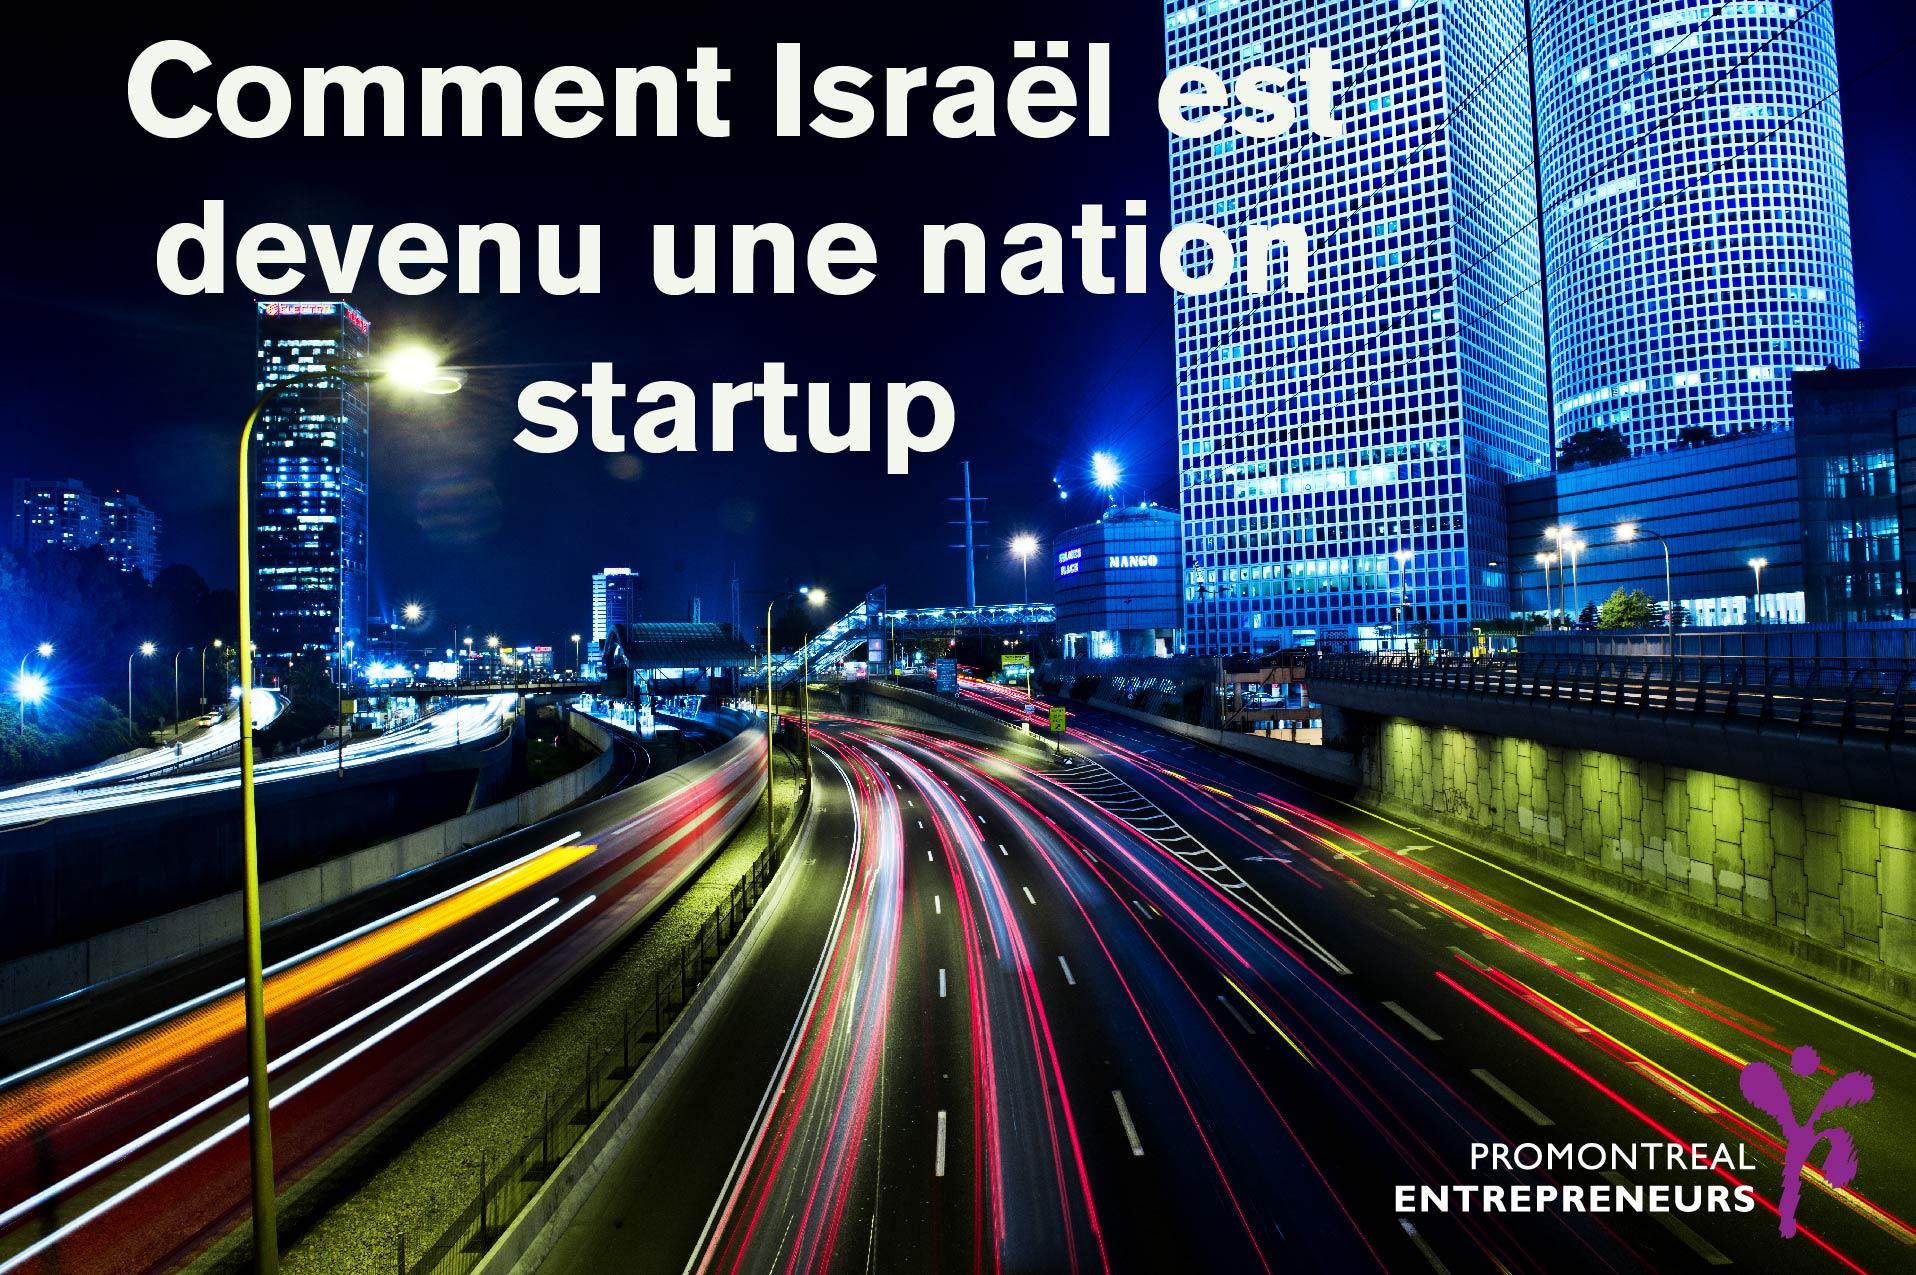 Israël, startup